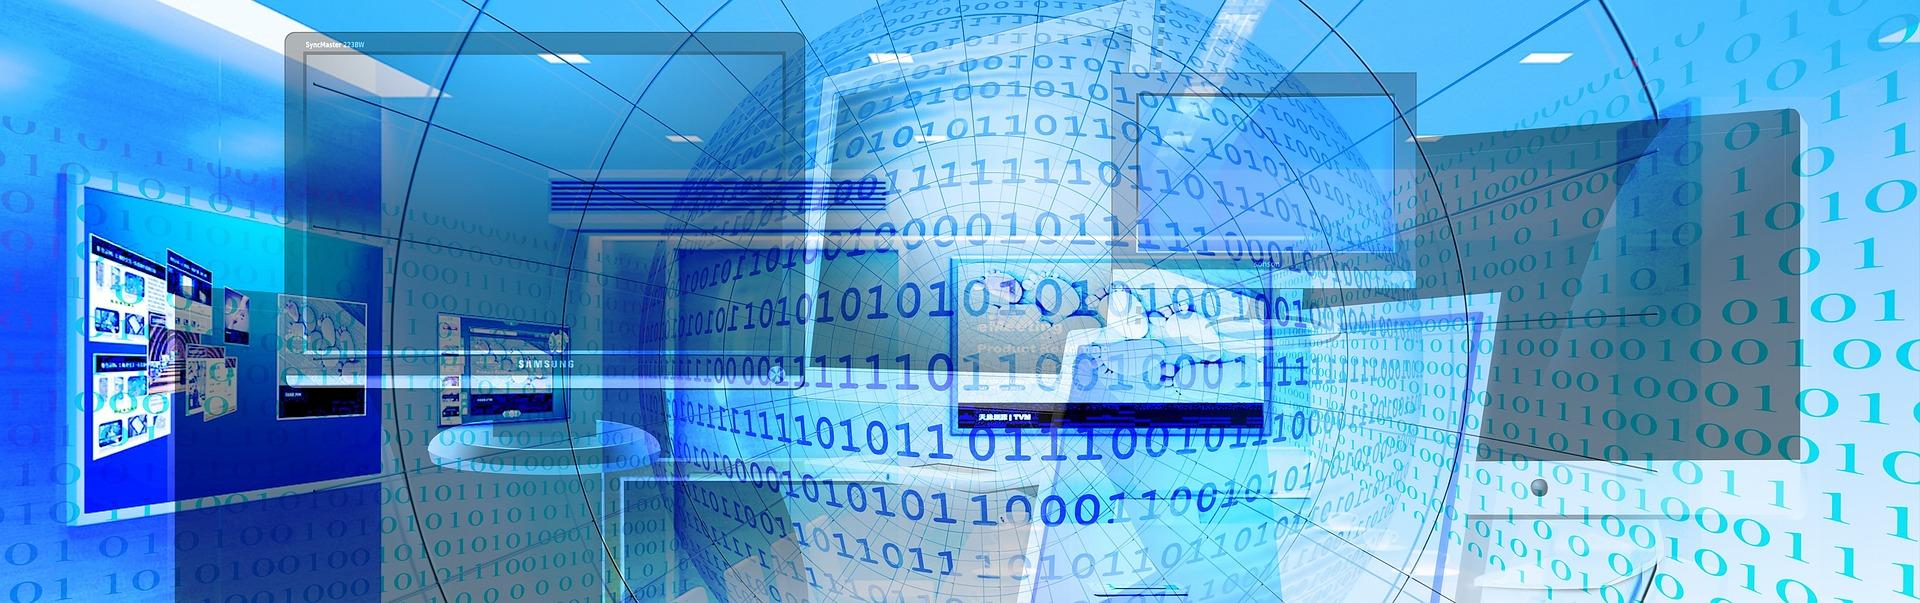 Image présentant le Web, elle contient plusieurs ordinateurs et écrans ainsi que des lignes de code informatique binaire 0 et 1.